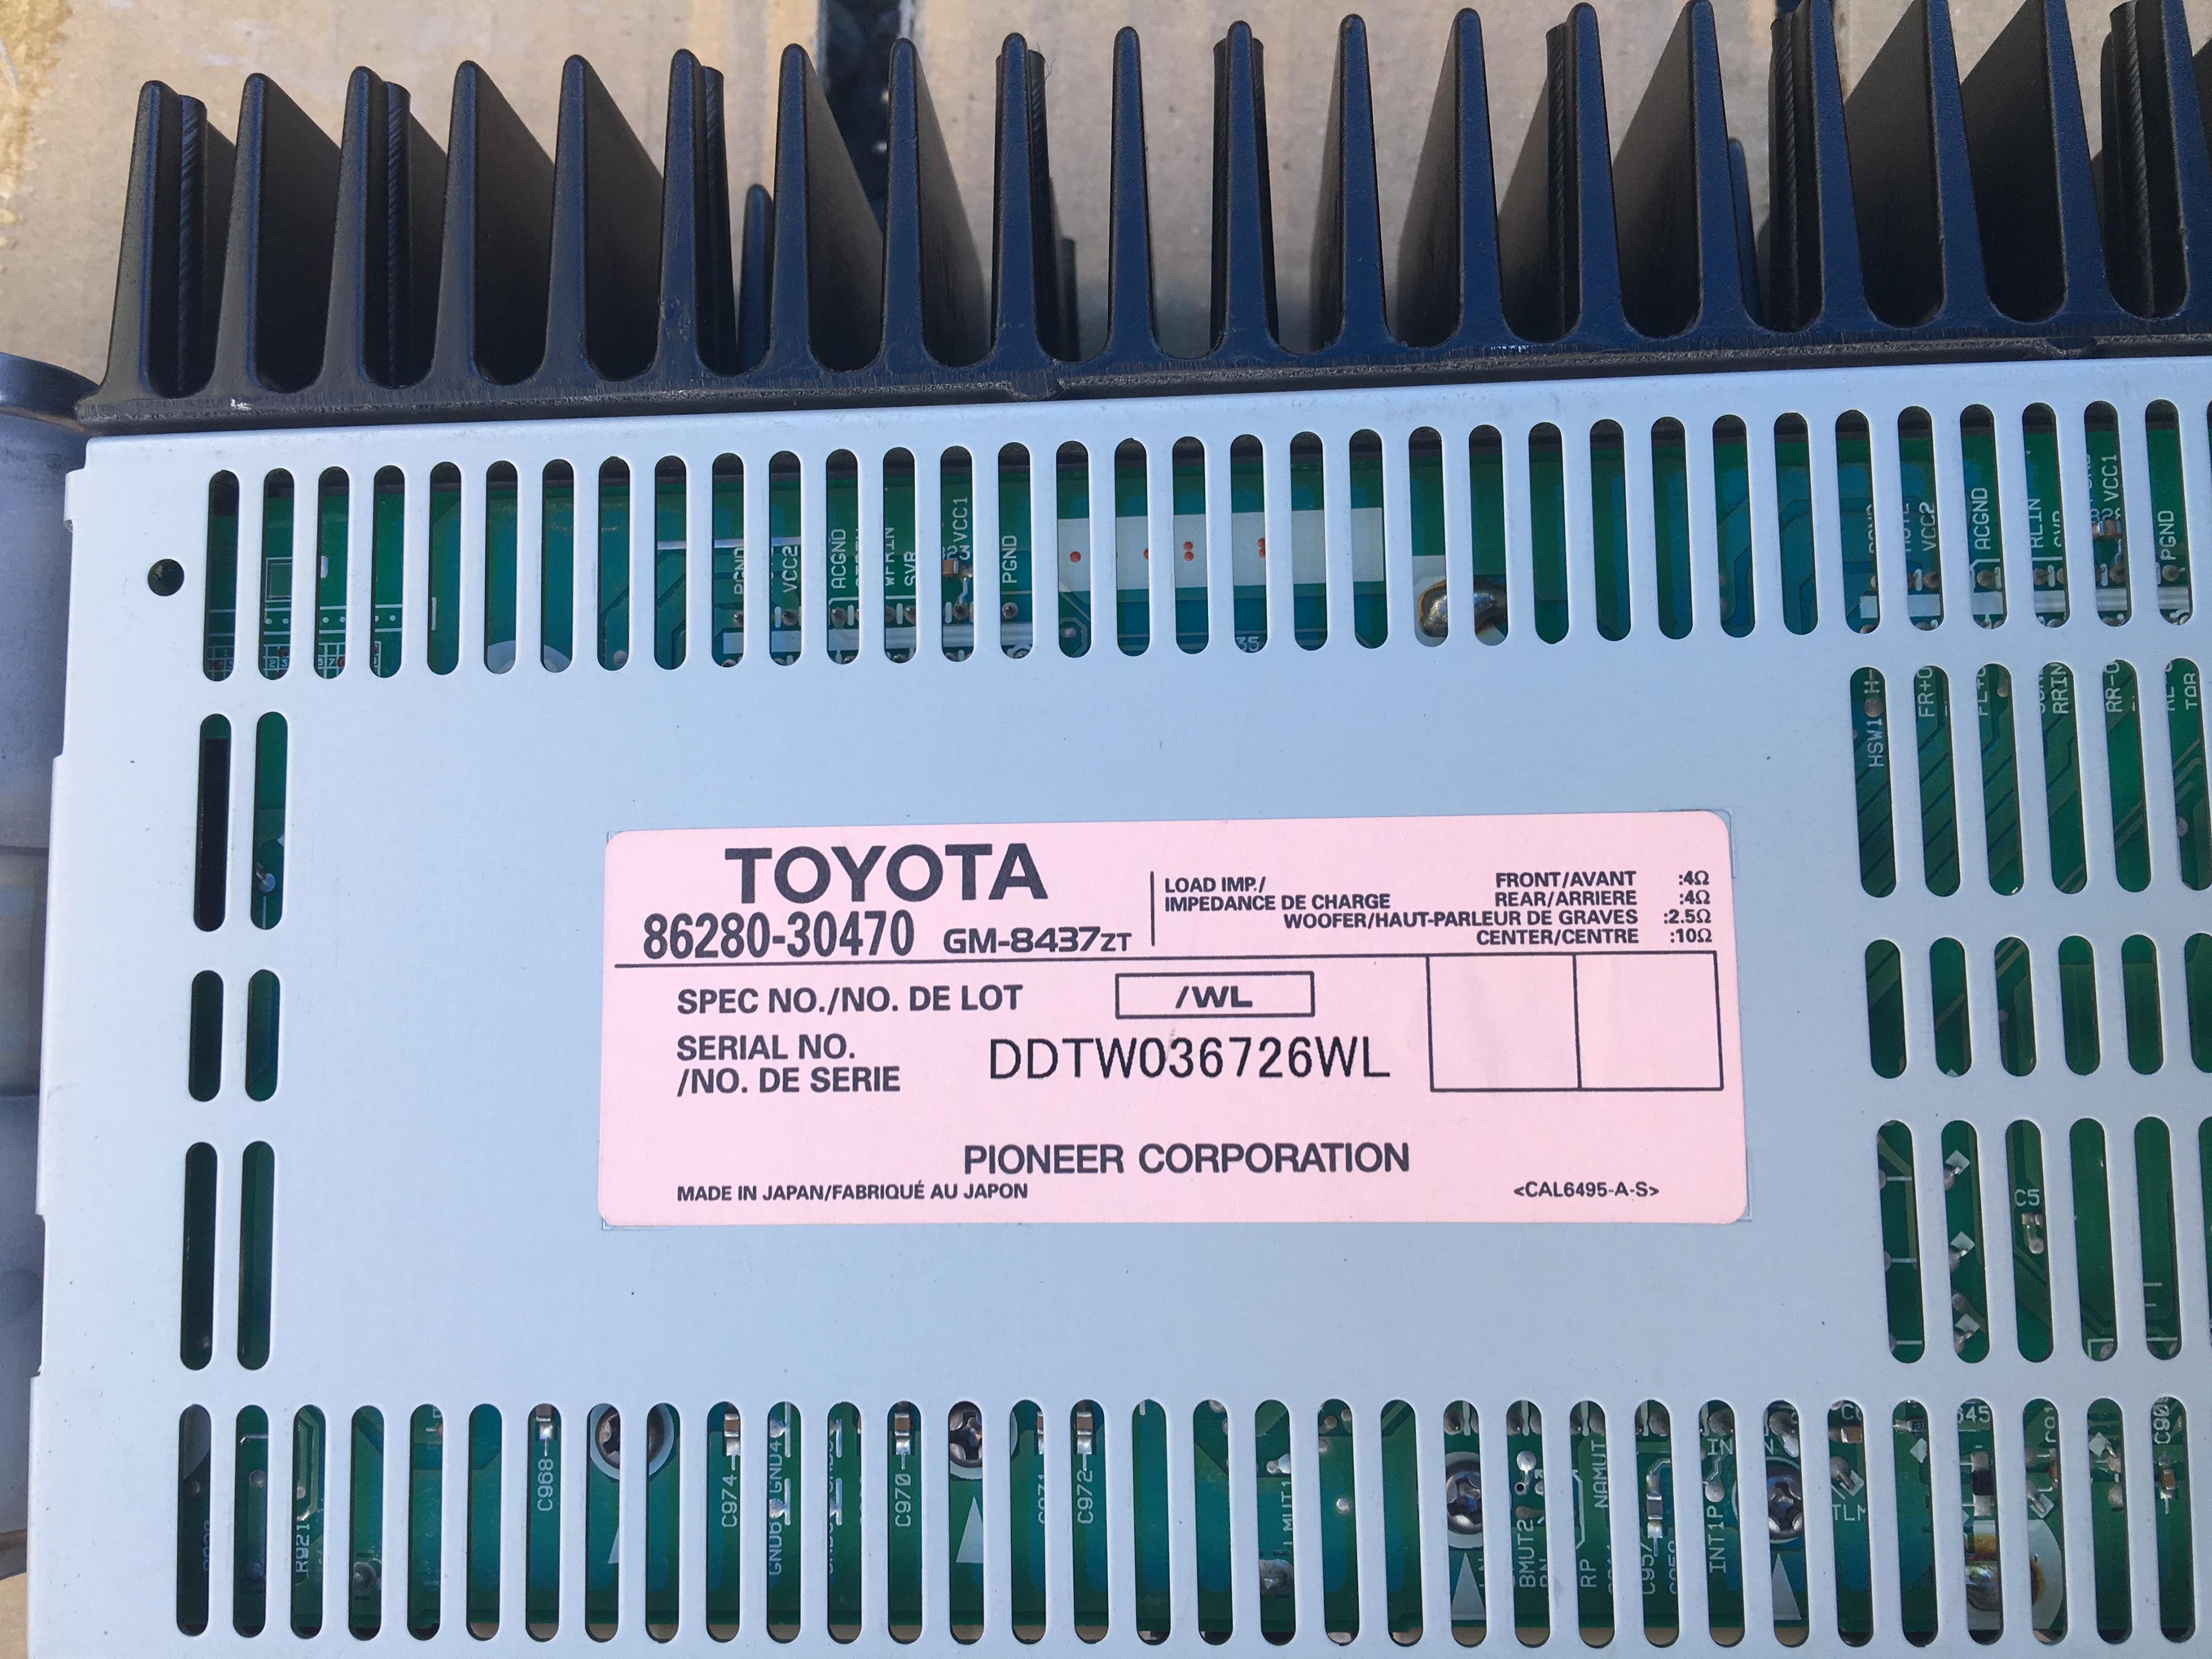 0eaa60c0-760b-43ea-b0cc-81eda12fa851